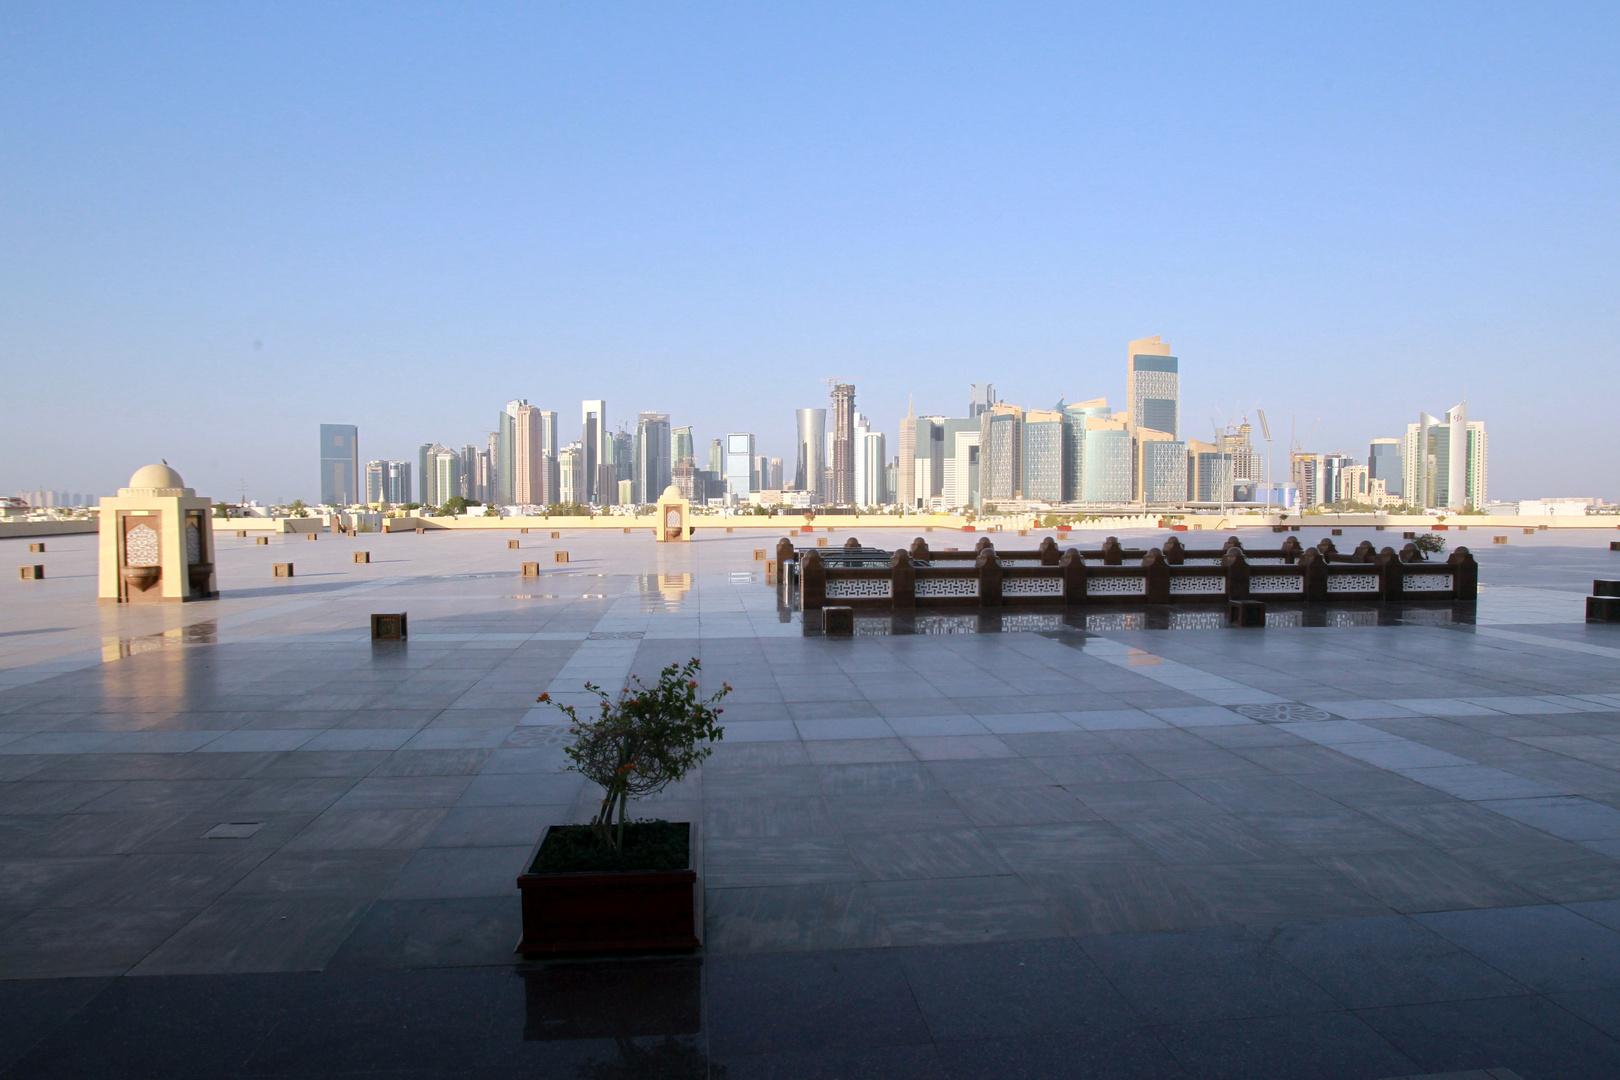 قطر: موقفنا الثابت إزاء القضية الفلسطينية ينص على ضرورة إنهاء الاحتلال